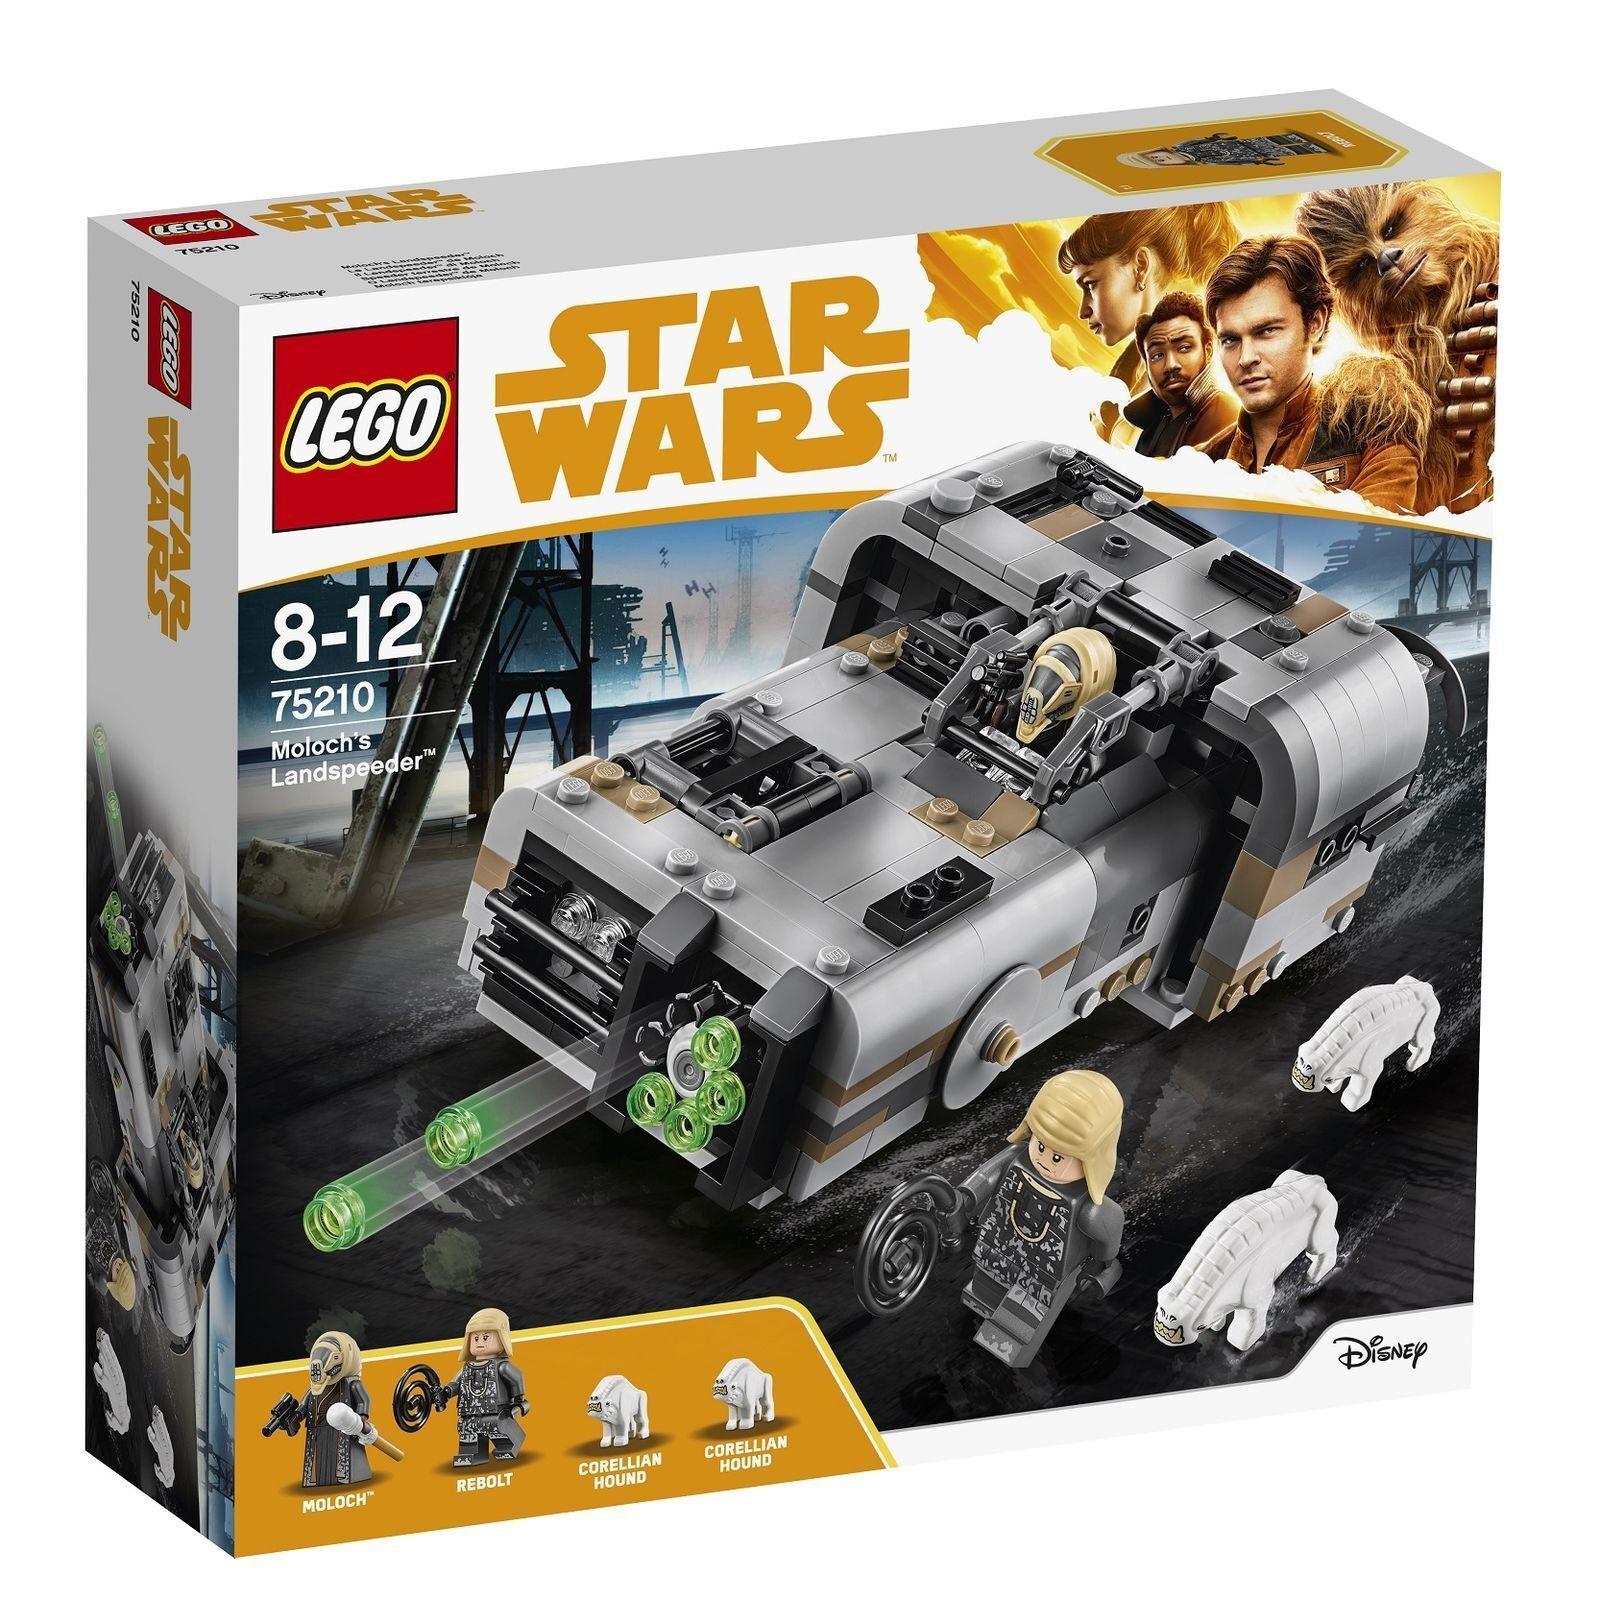 LEGO 75210 Star Wars Moloch's Landspeeder NEW SEALED FAST DISPATCH